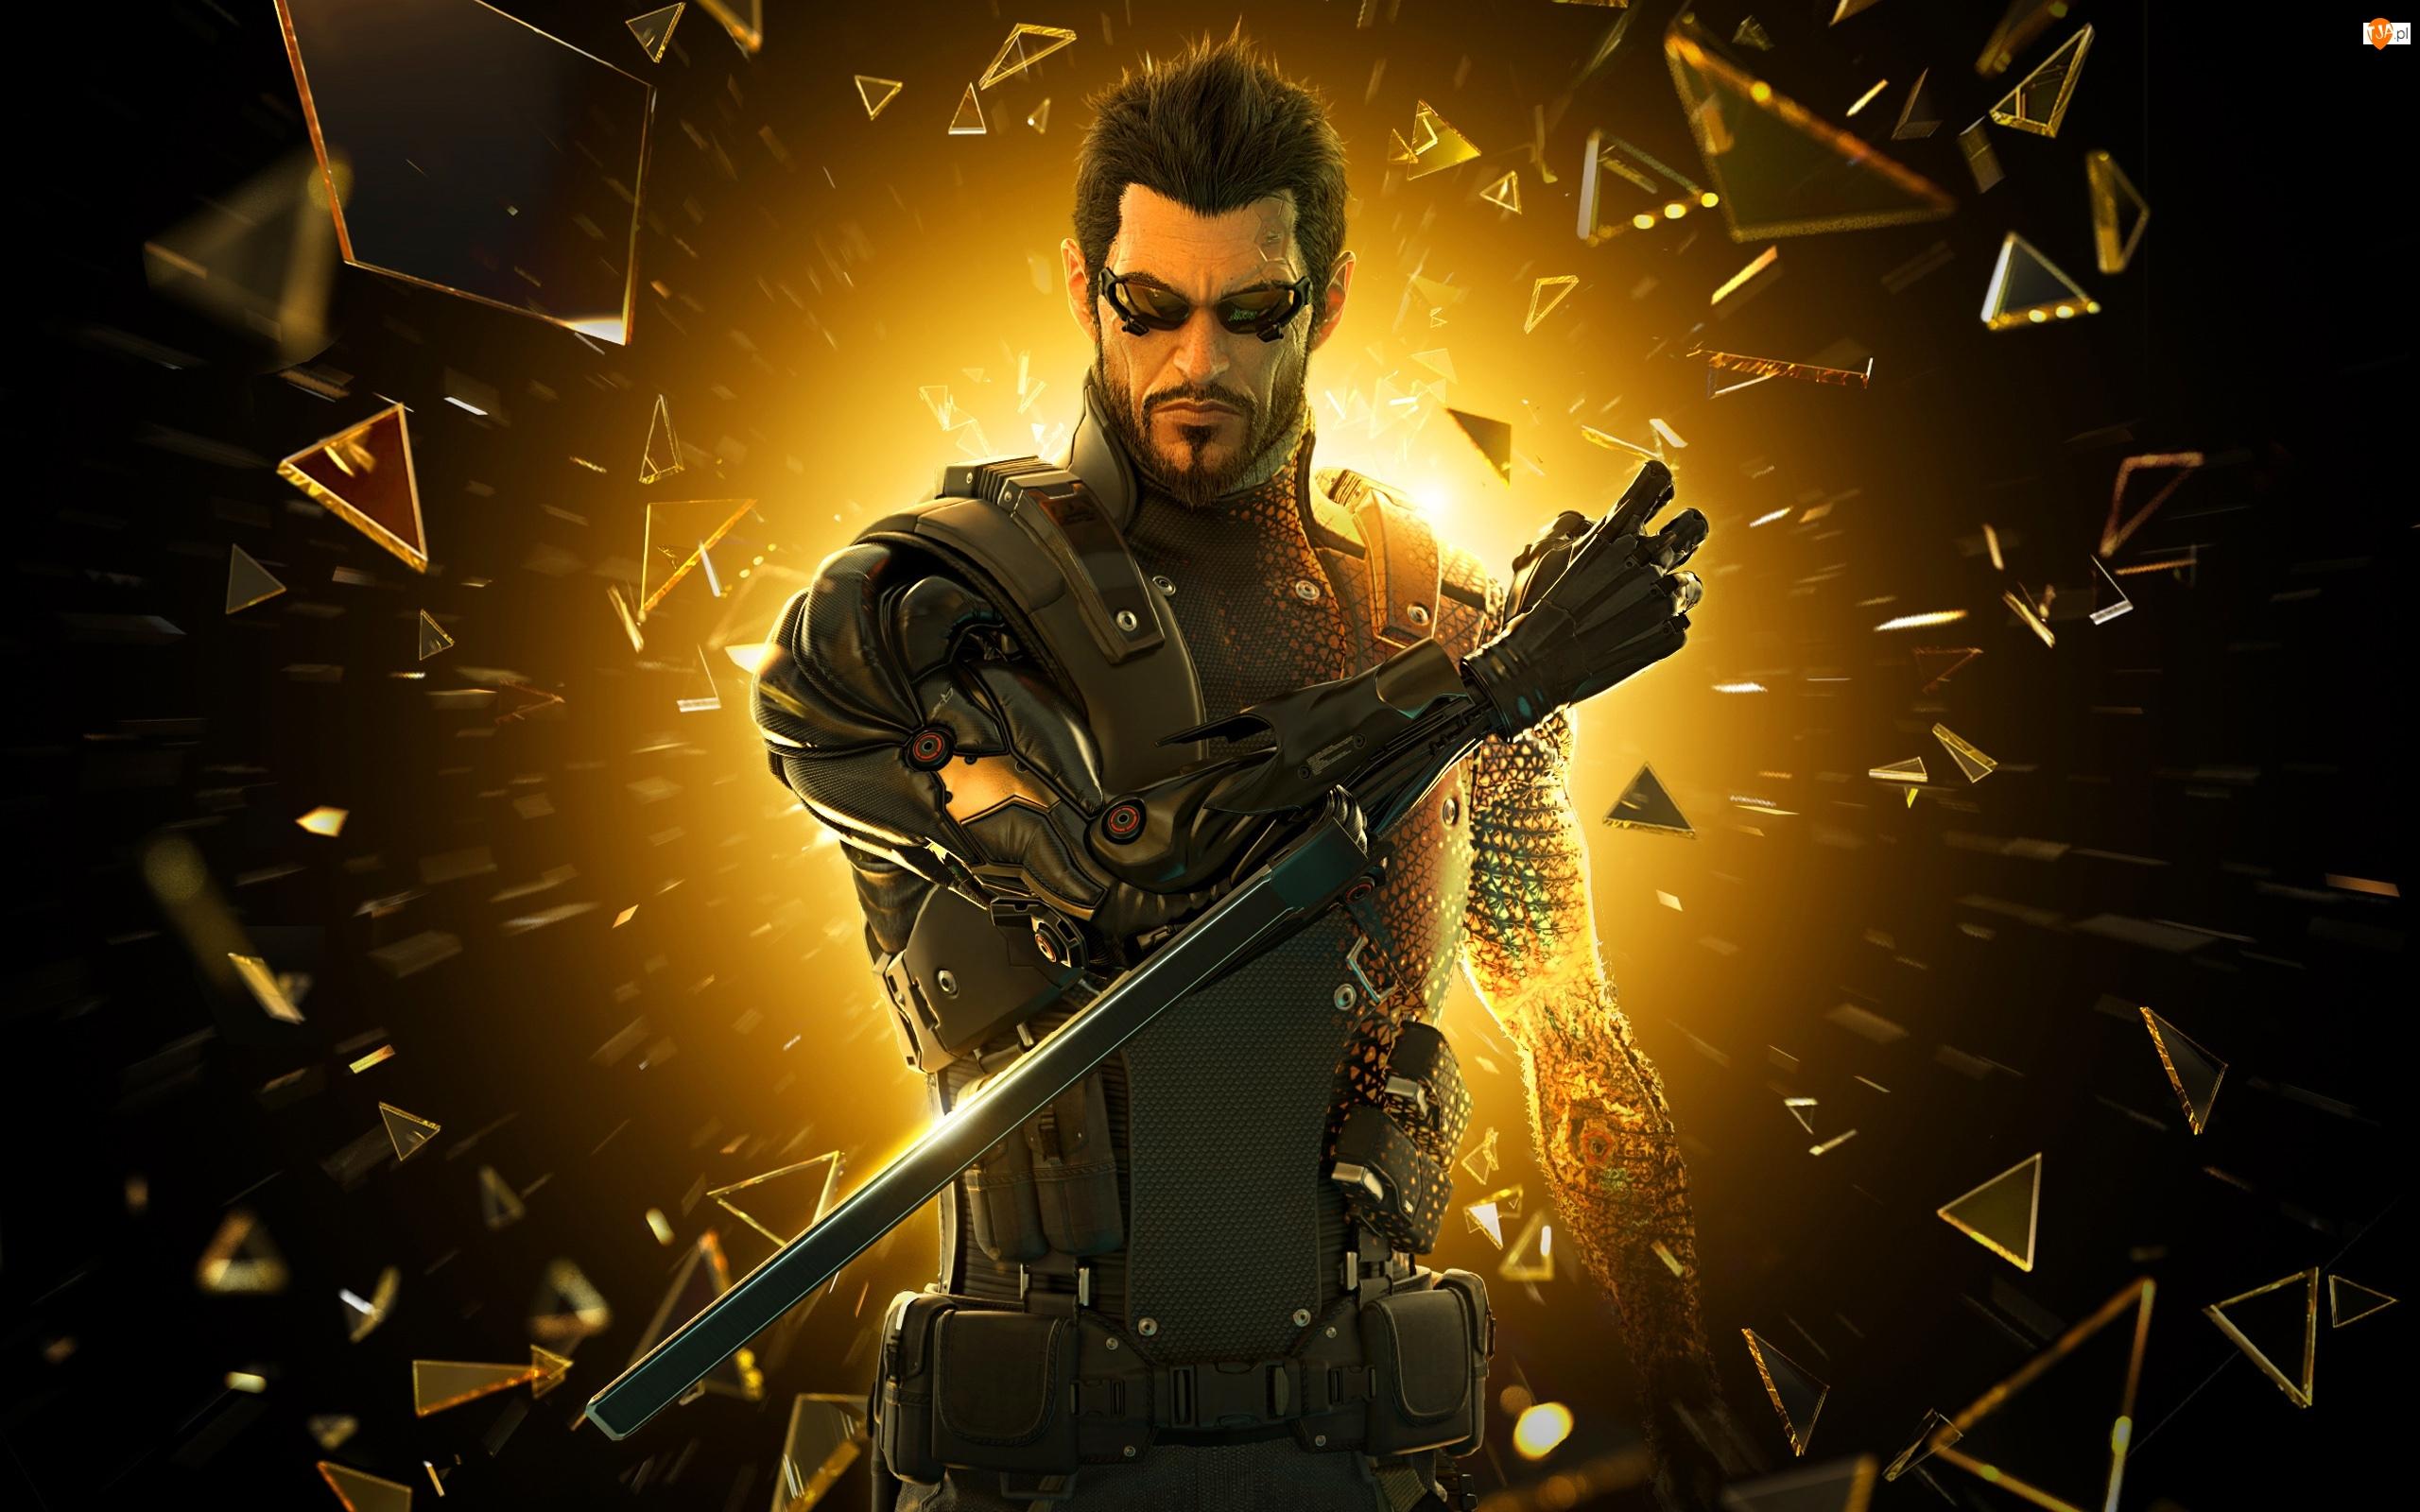 Deus Ex Bunt ludzkości, Postać, Szkła, Gra, Odłamki, Zbroja, Adam Jensen